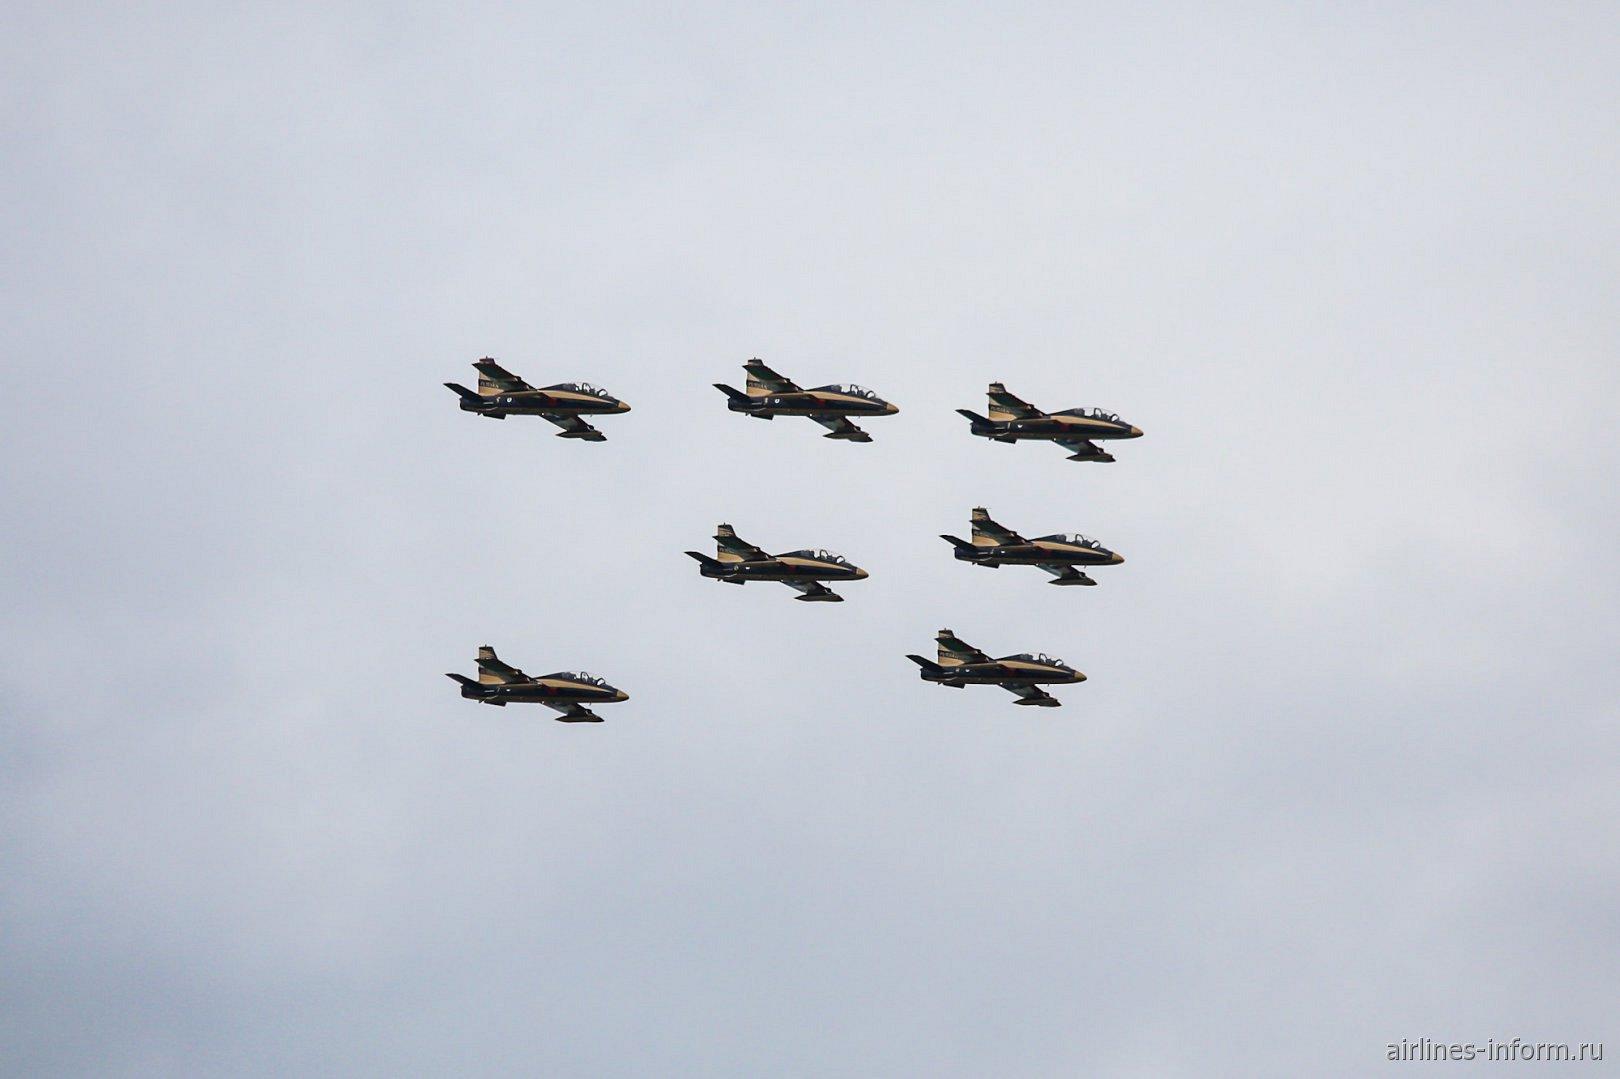 Самолеты пилотажной группы